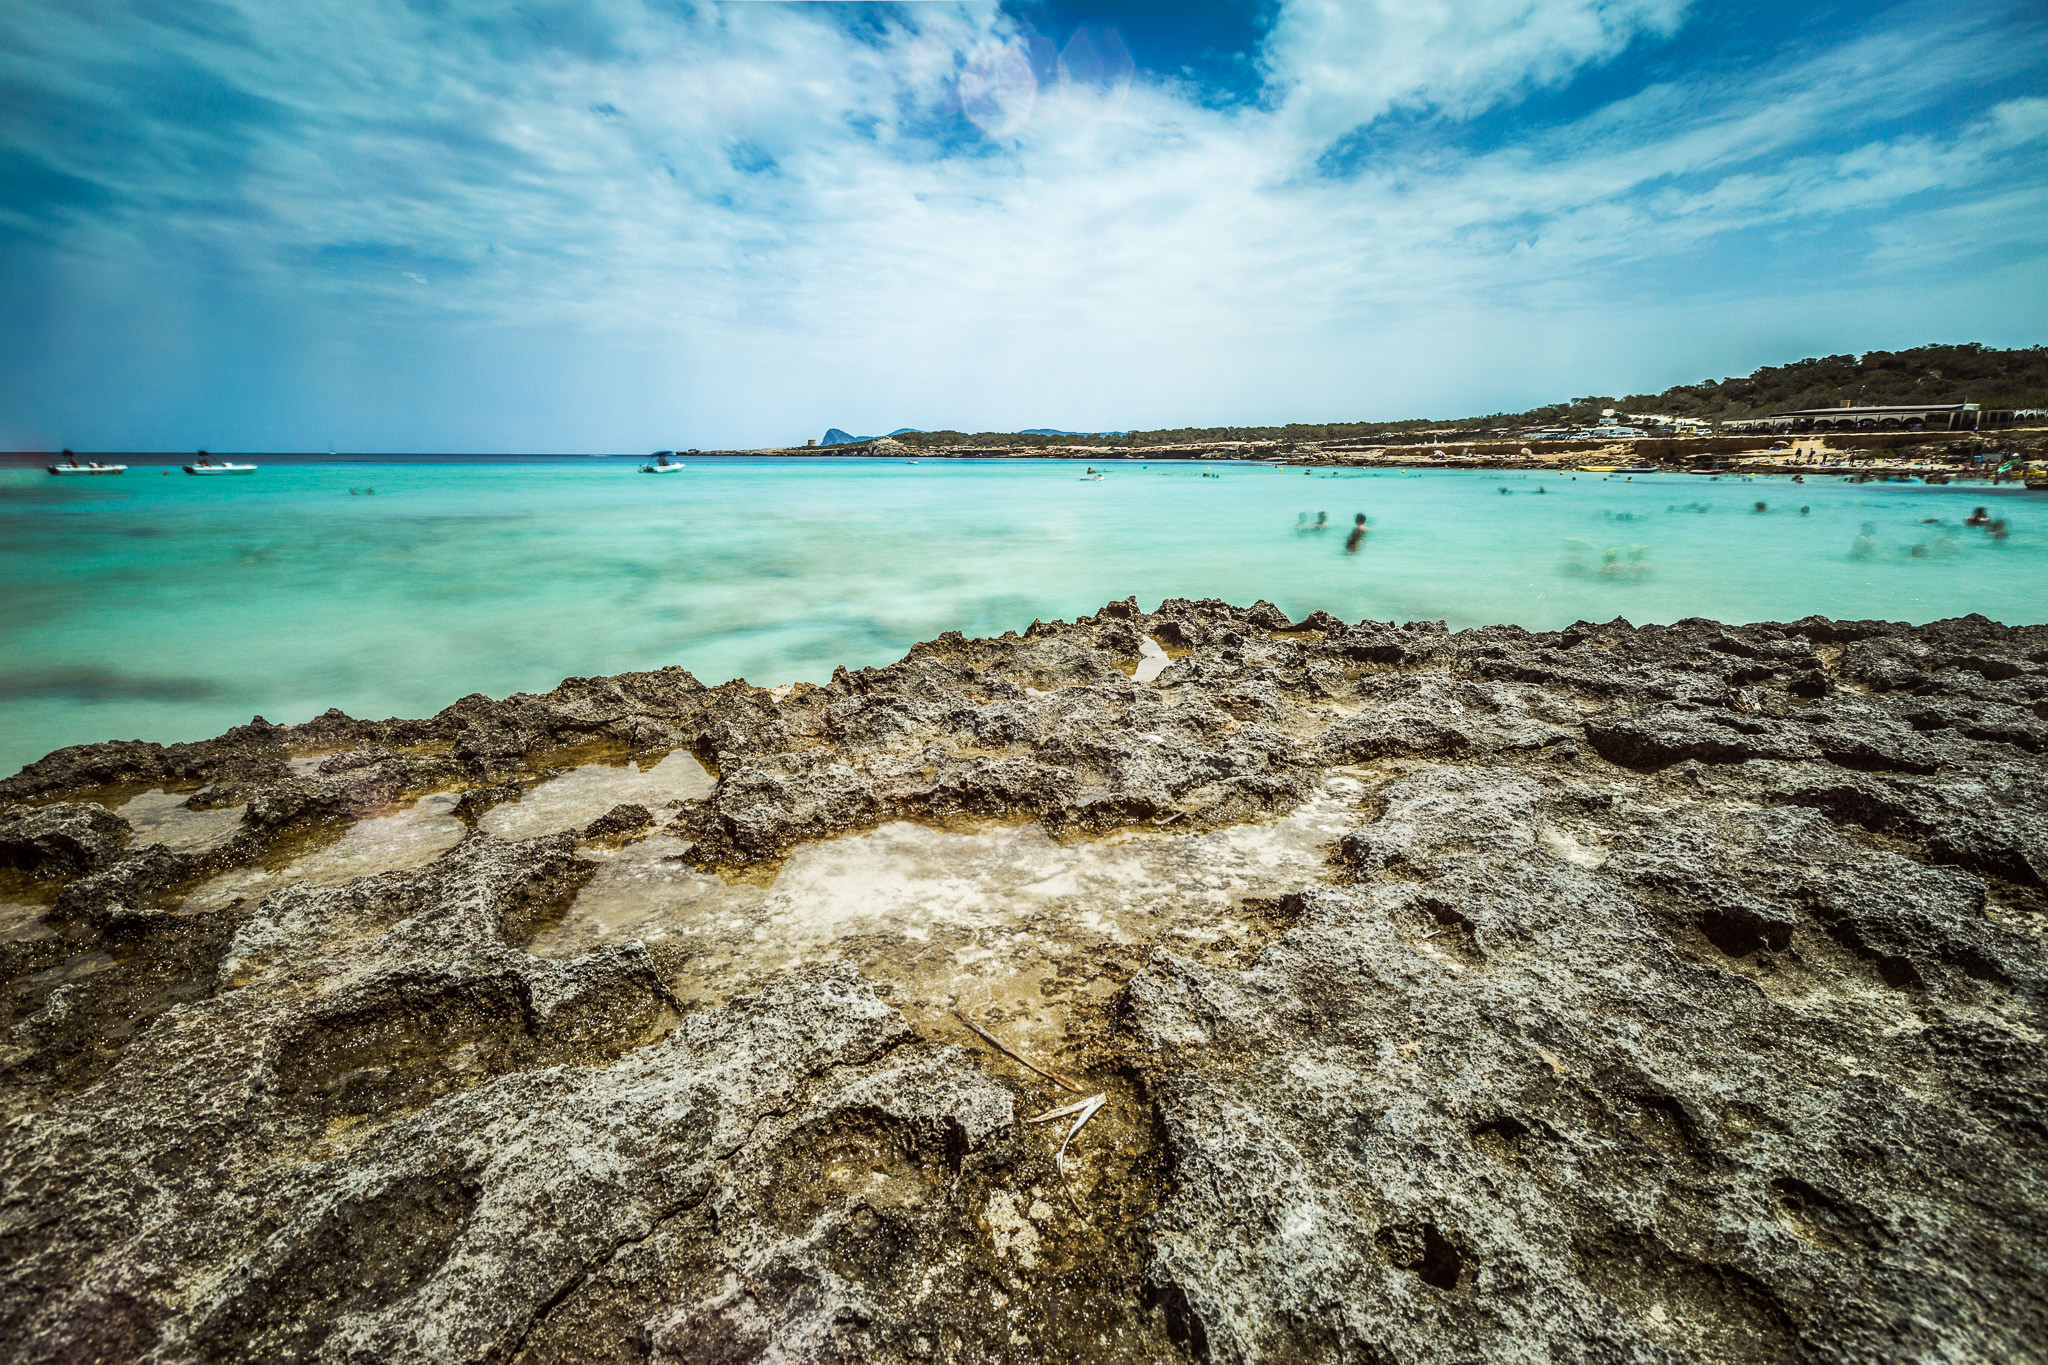 Fotografía de paisaje en Cala Comte, Ibiza. Fotografía de larga exposición.